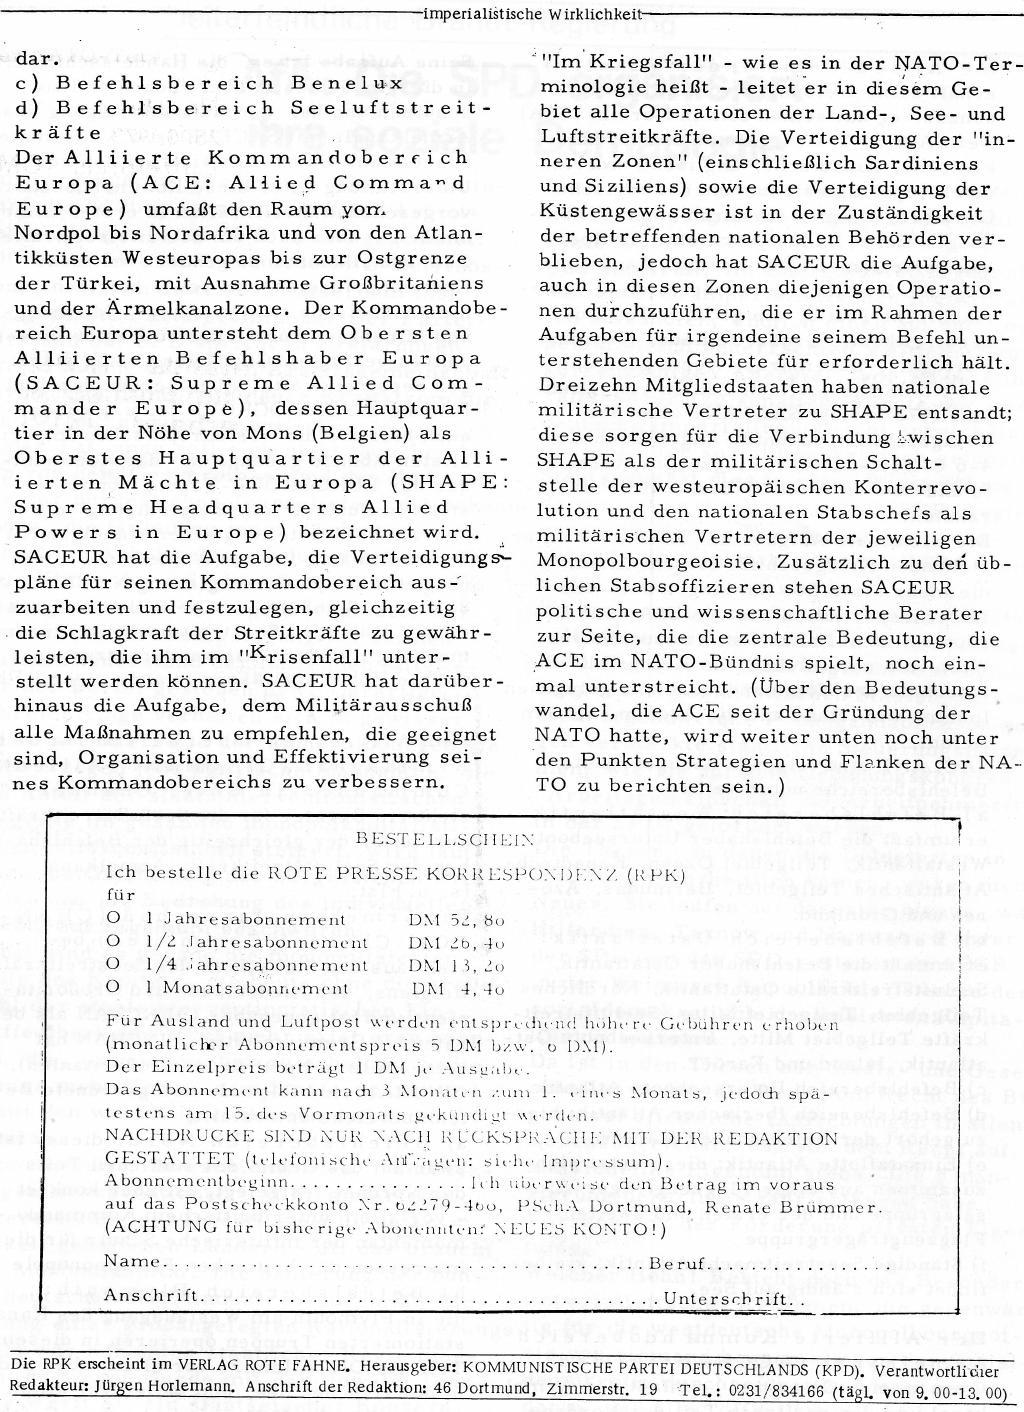 RPK_1973_034_20